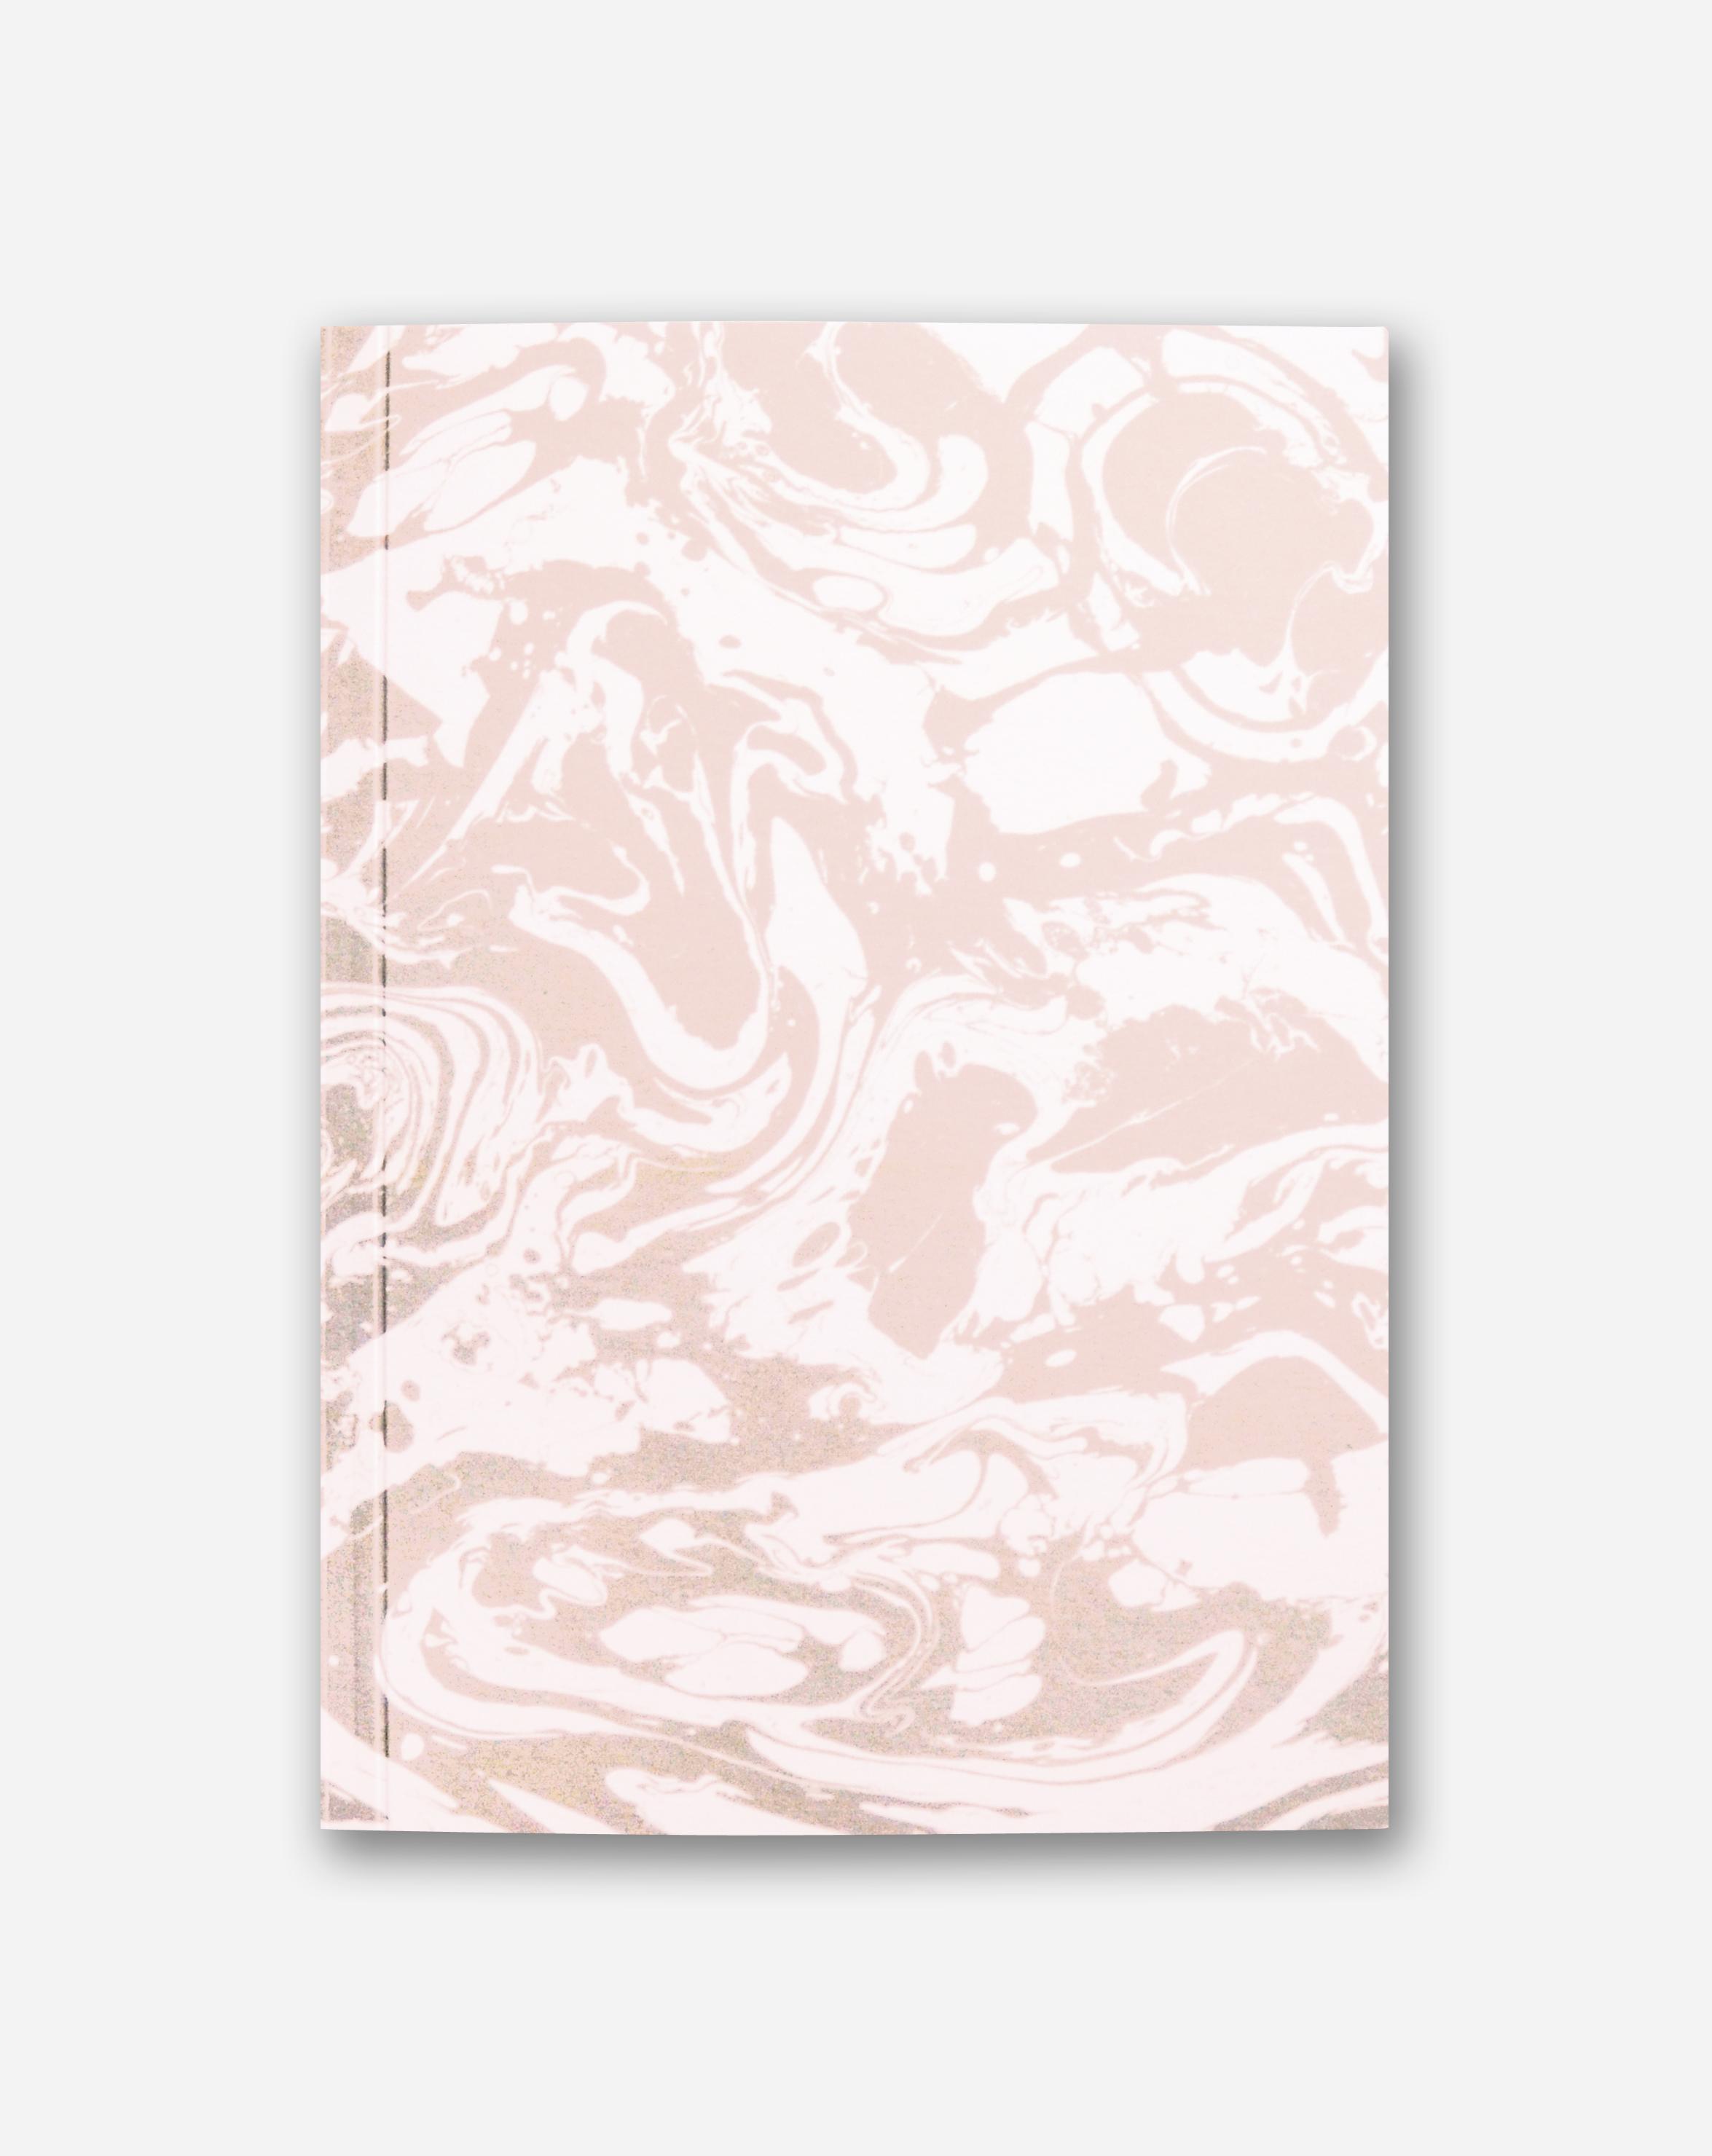 A6 Notebook Photograph - pink.jpg